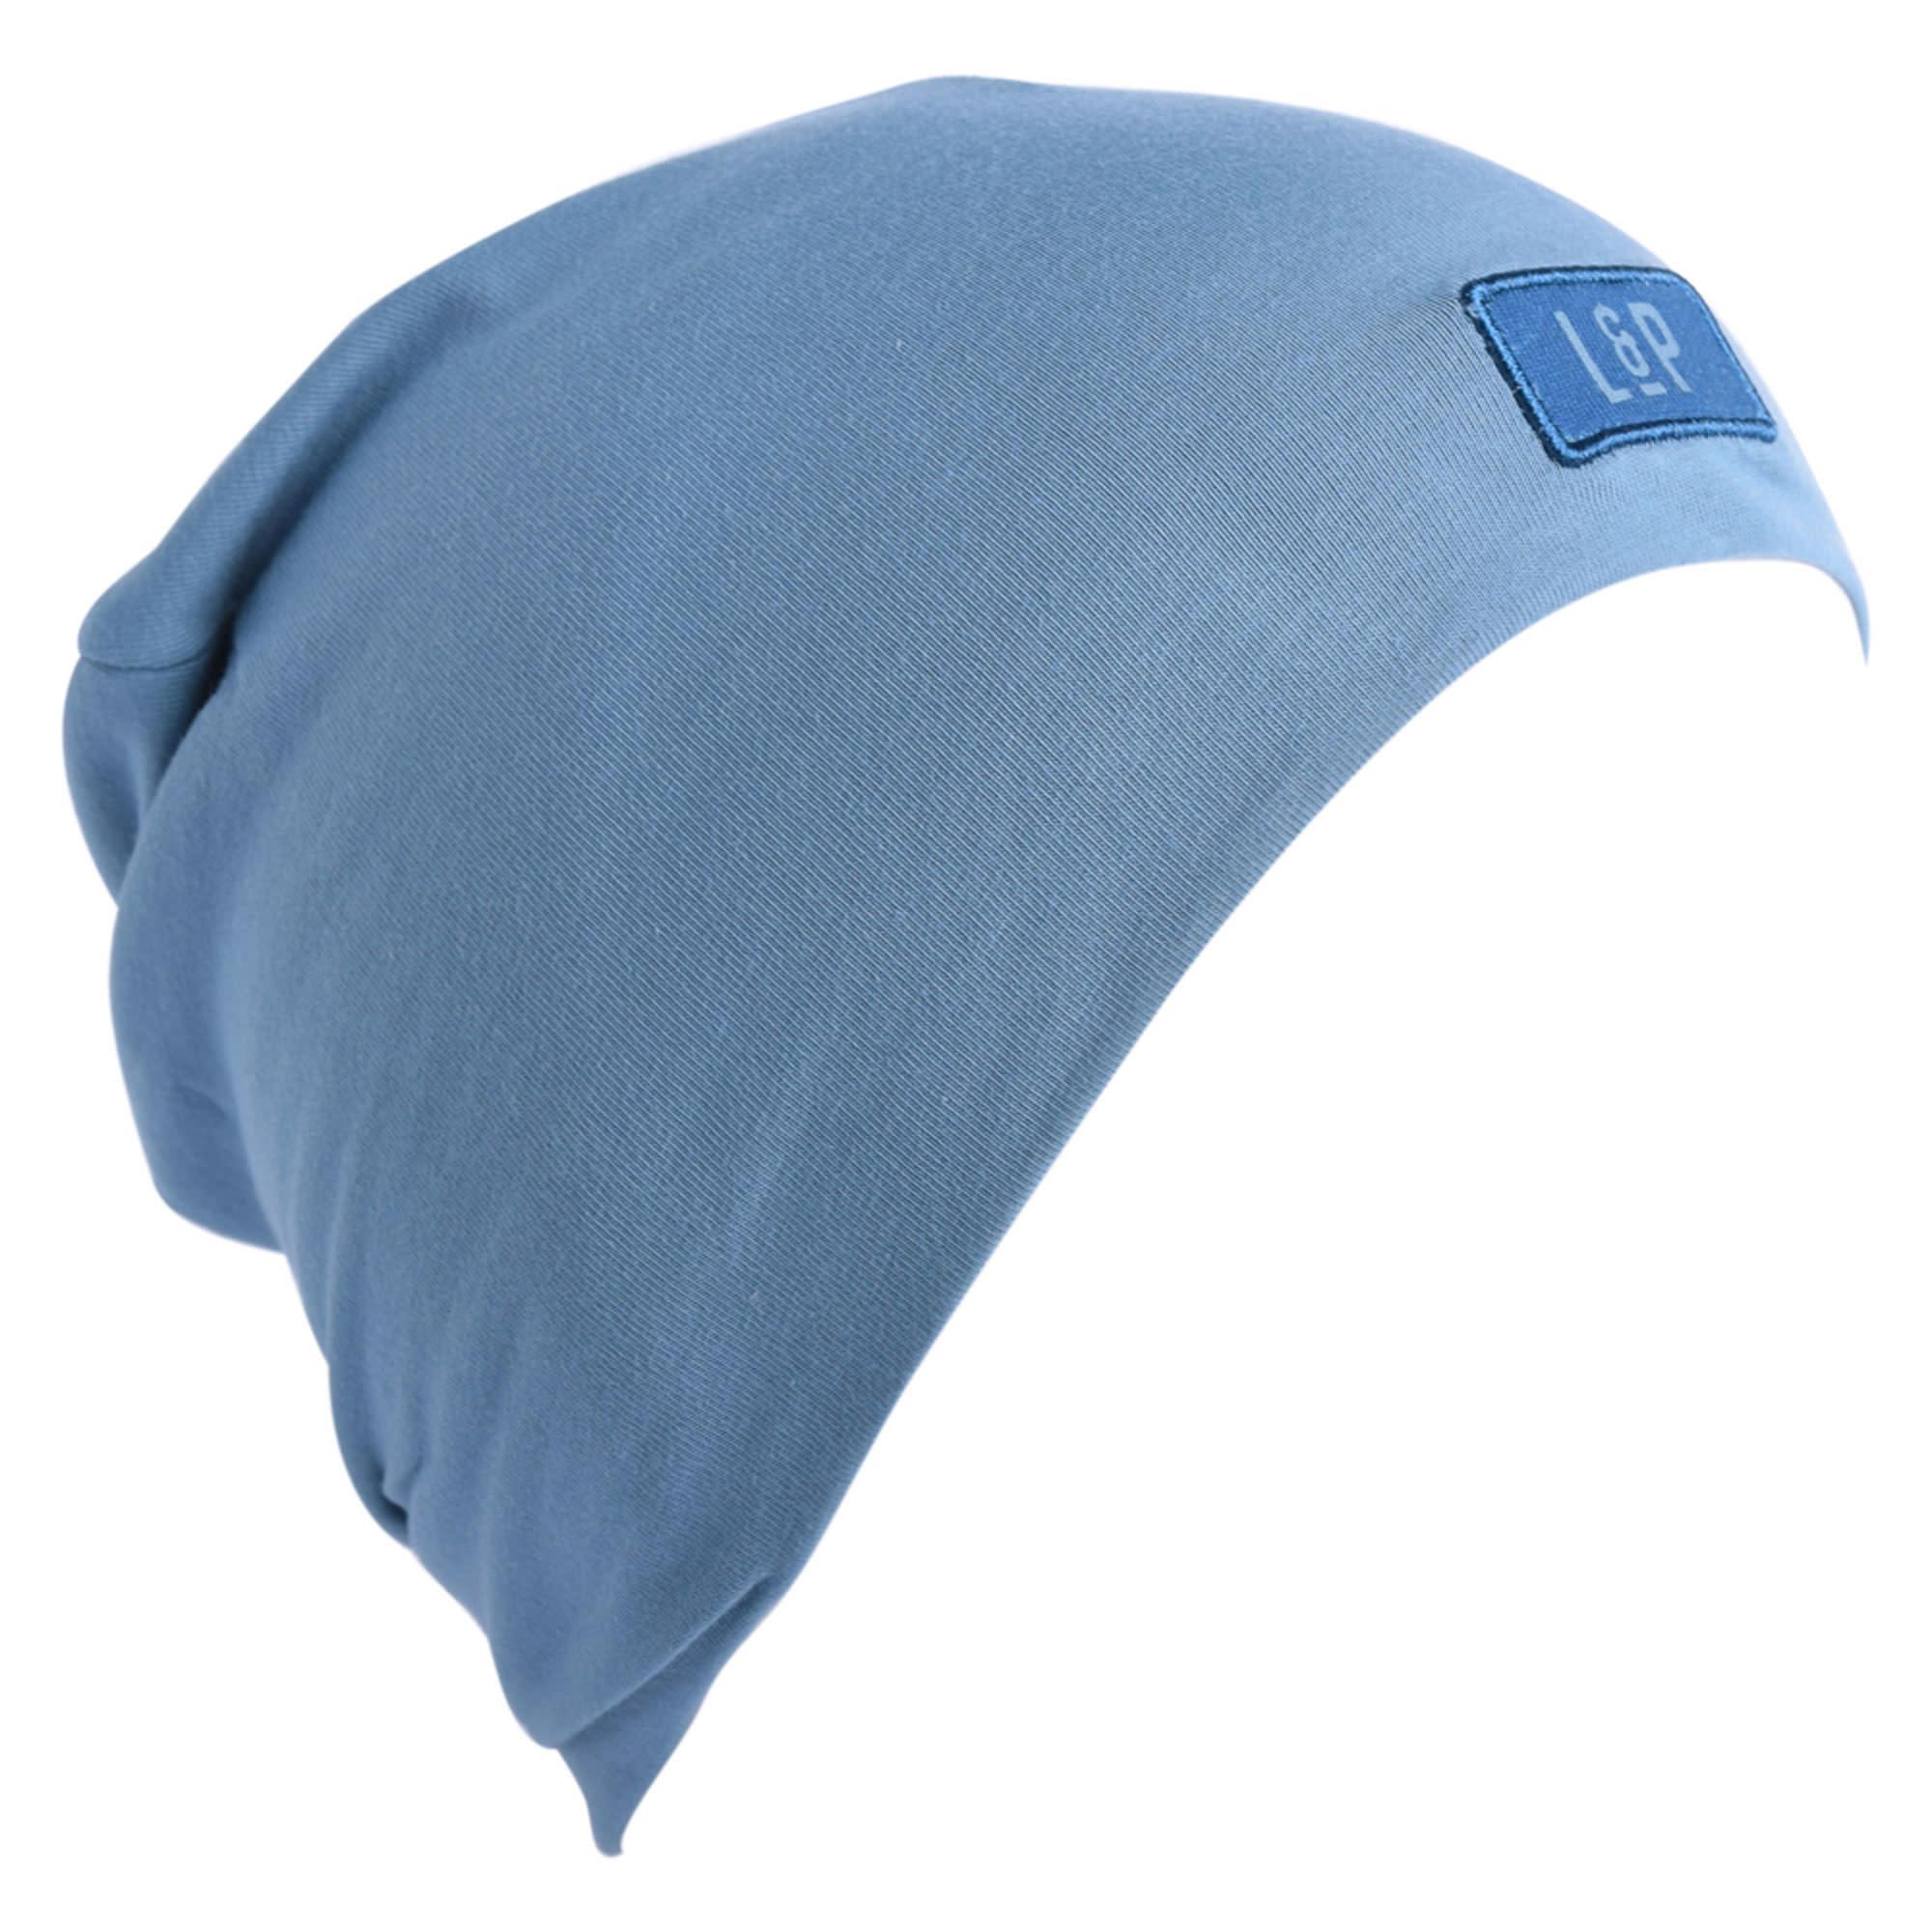 Tuque Coton - BOSTON V20 Bleu Mer-2